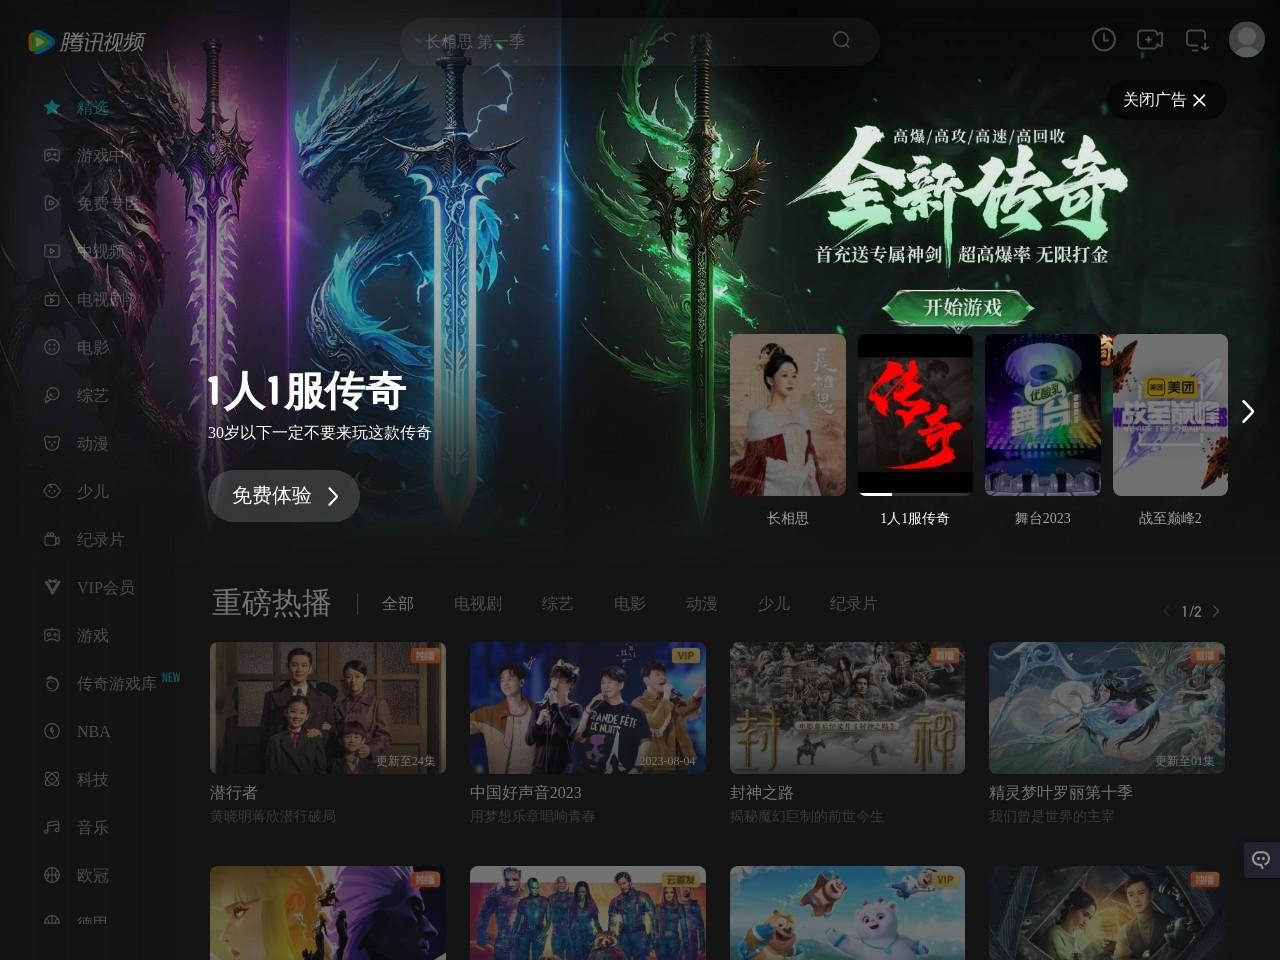 刺杀小说家_电影_高清1080P在线观看平台_腾讯视频